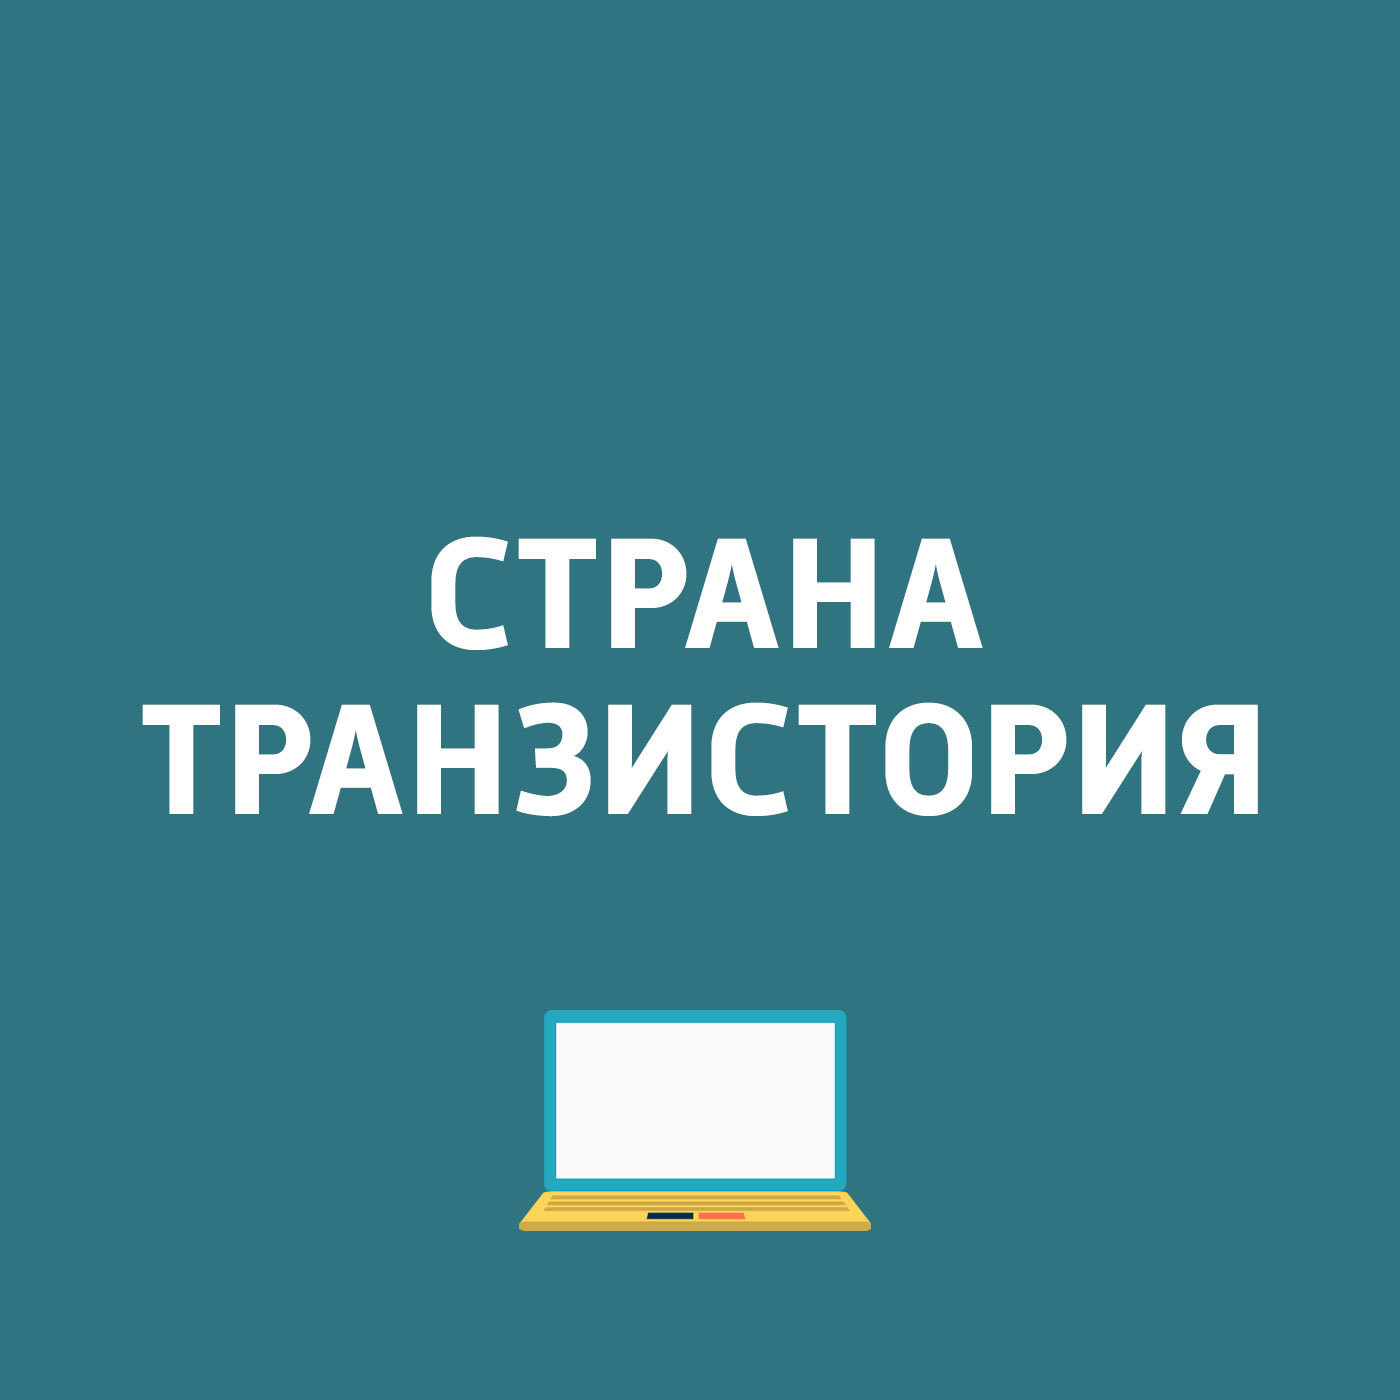 Картаев Павел День рождения Livejournal. Кинотеатр виртуальной реальности. Смартфон-робот. Умный матрац... смартфон